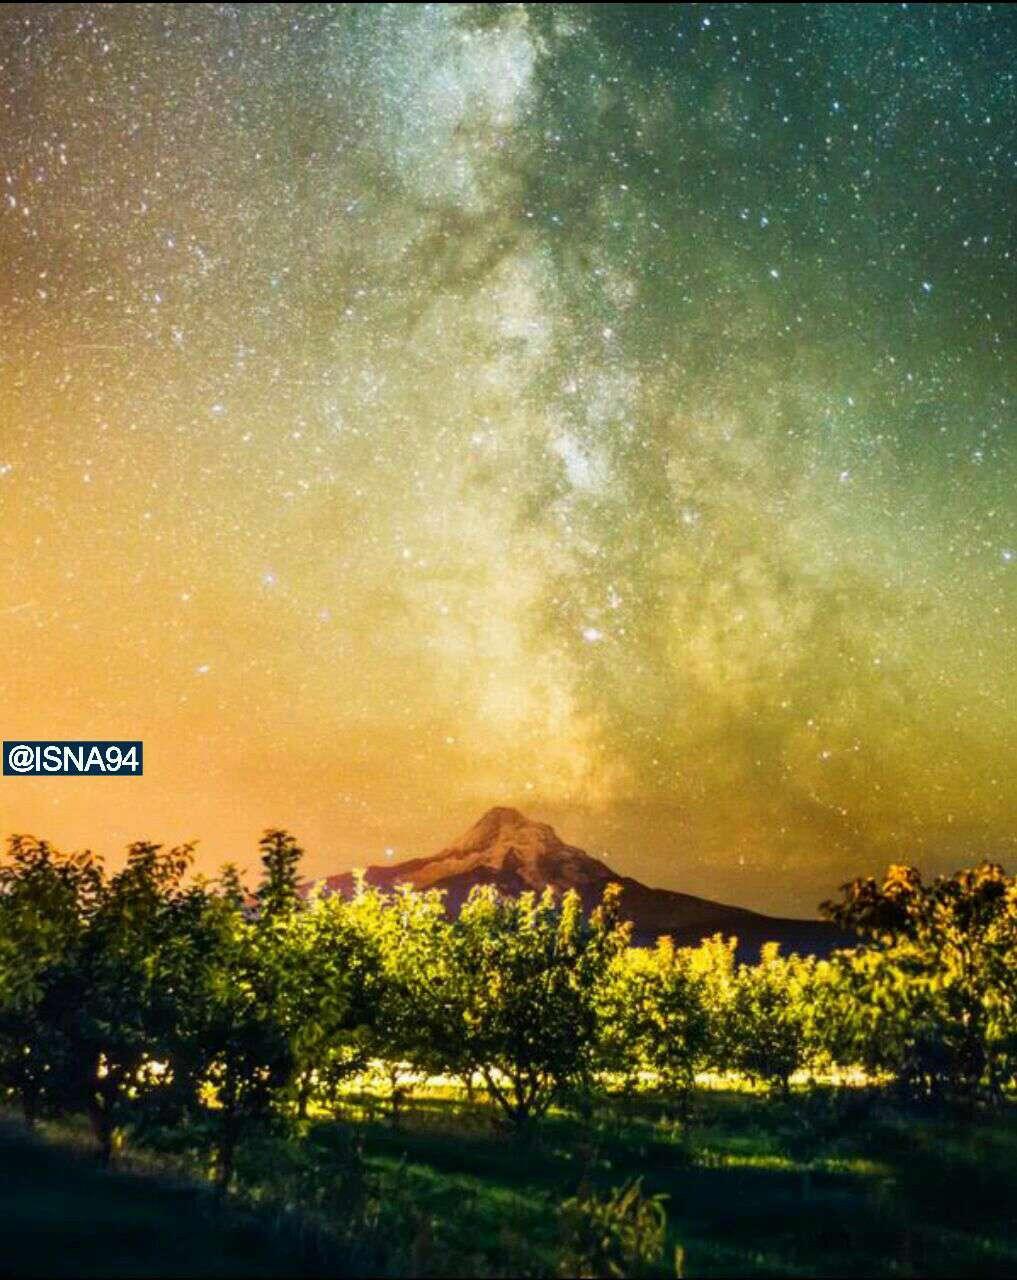 راه شیری بر فراز آتشفشان فعال هود در آمریکای شمالی